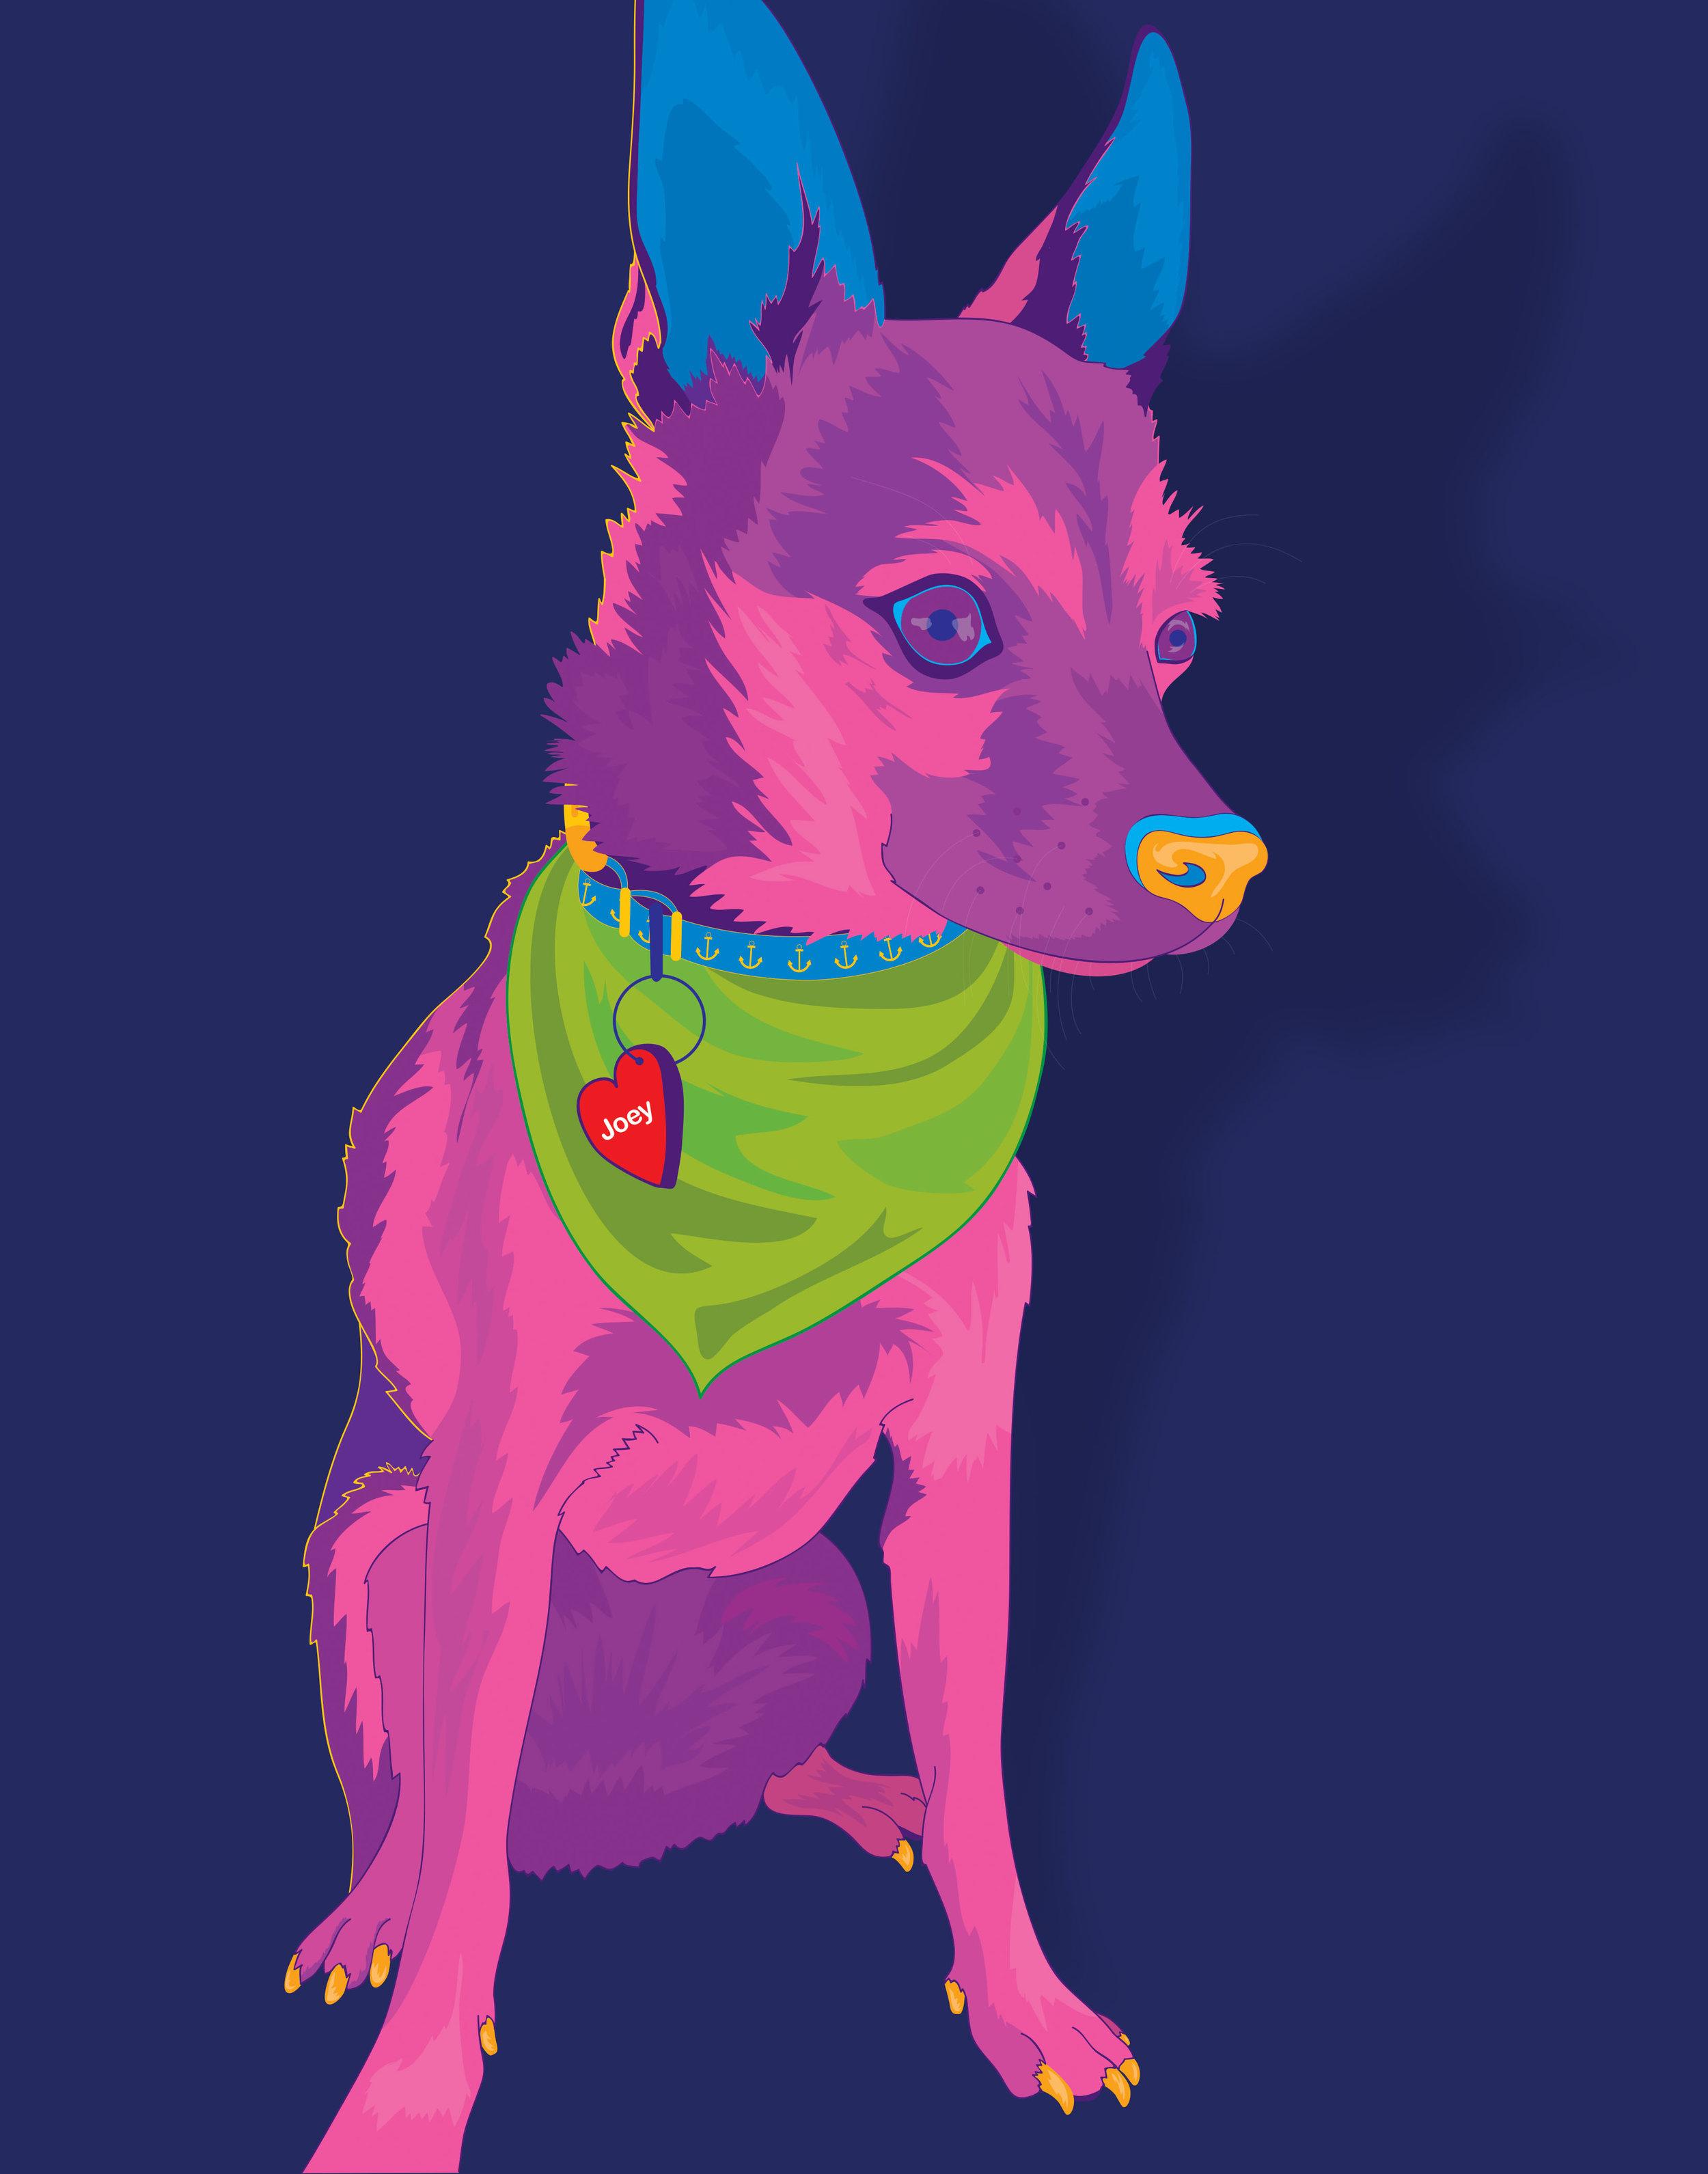 11x14_CTD_Joey_Jennifer St Pierre_Single Pet Portrait_PopArtStyle.jpg